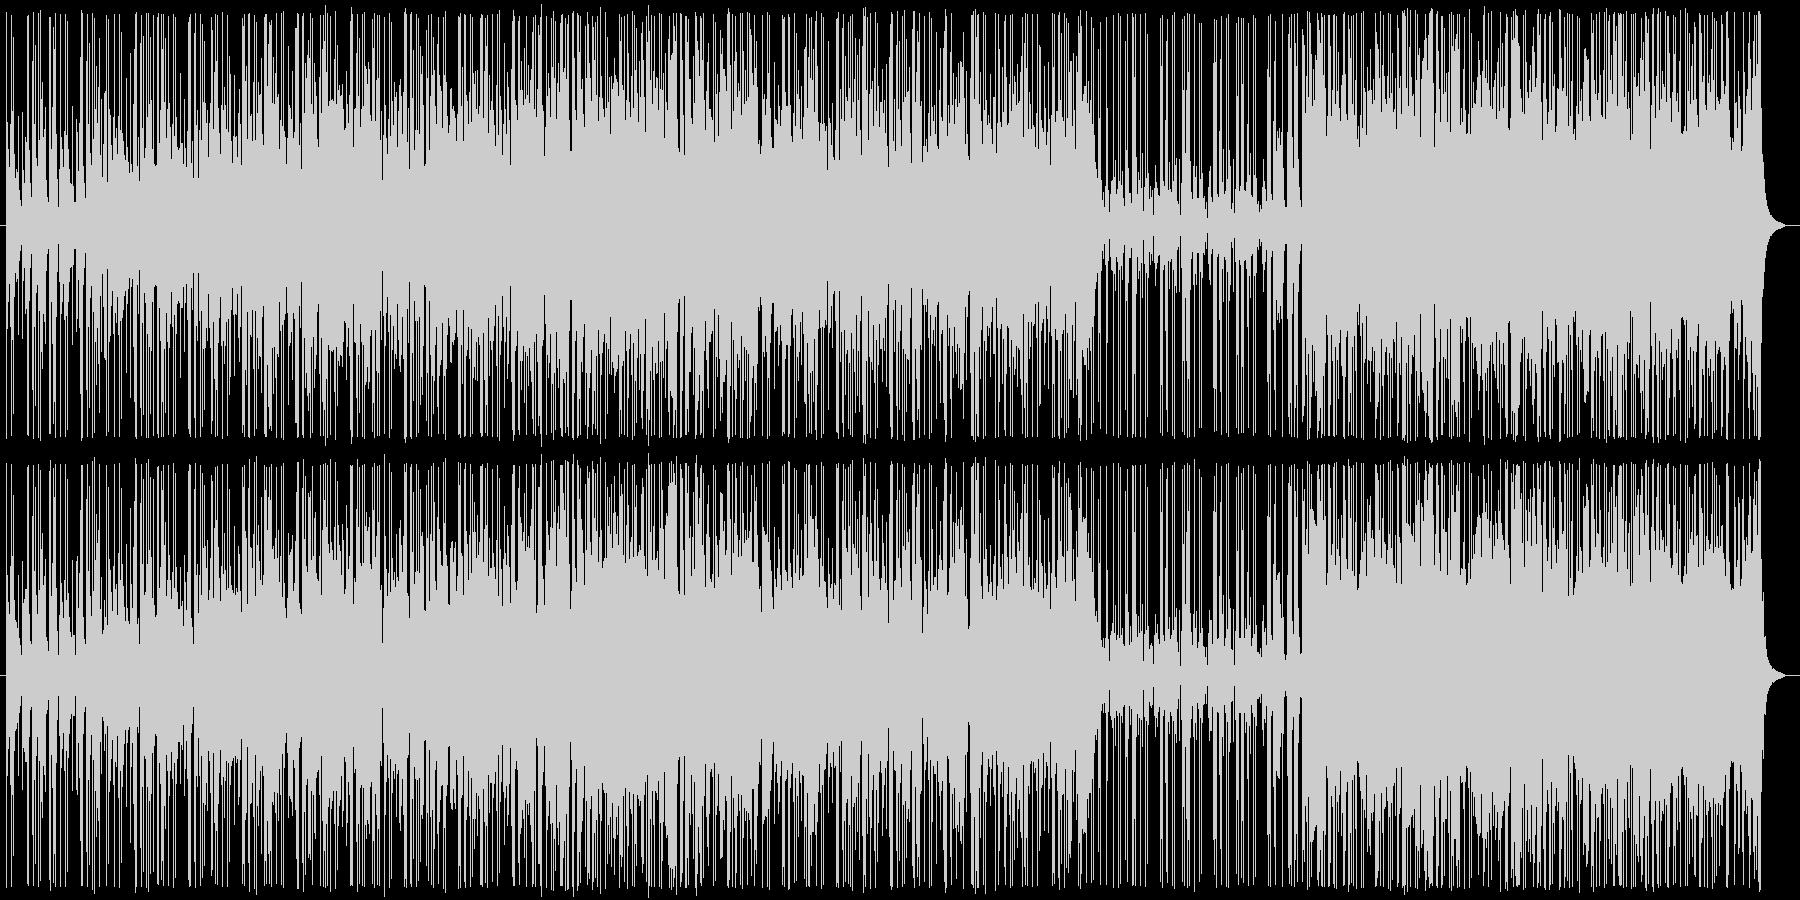 16ビート疾走ファンク!の未再生の波形